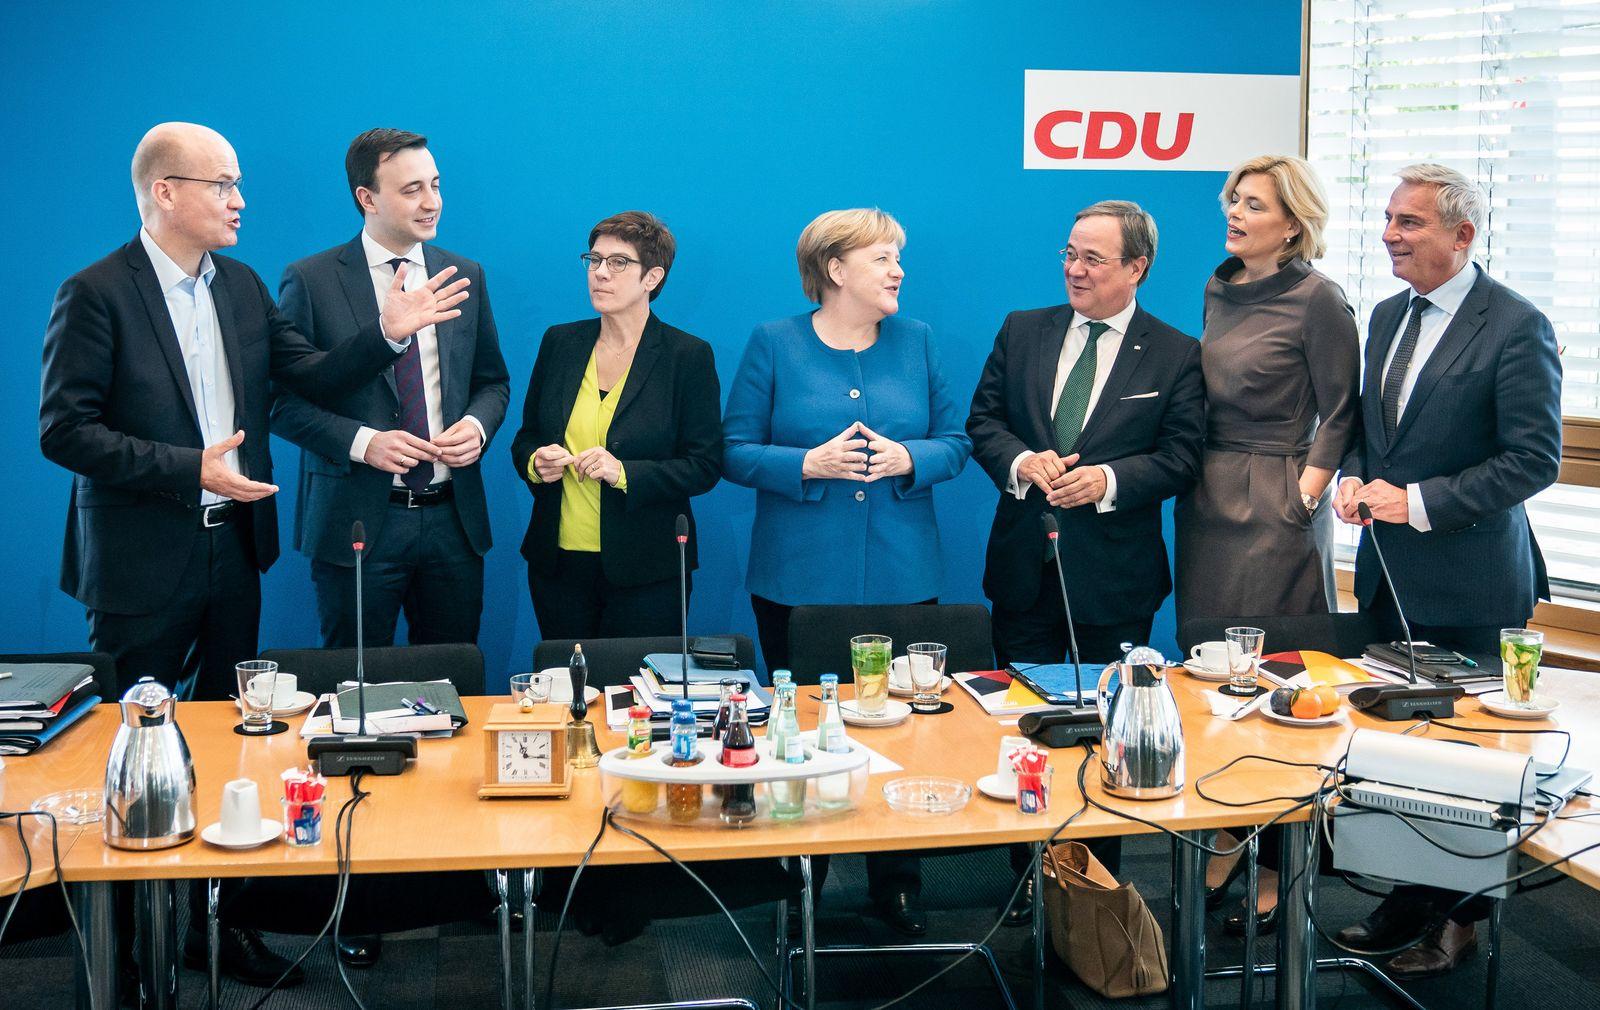 CDU - Bundesvorstand